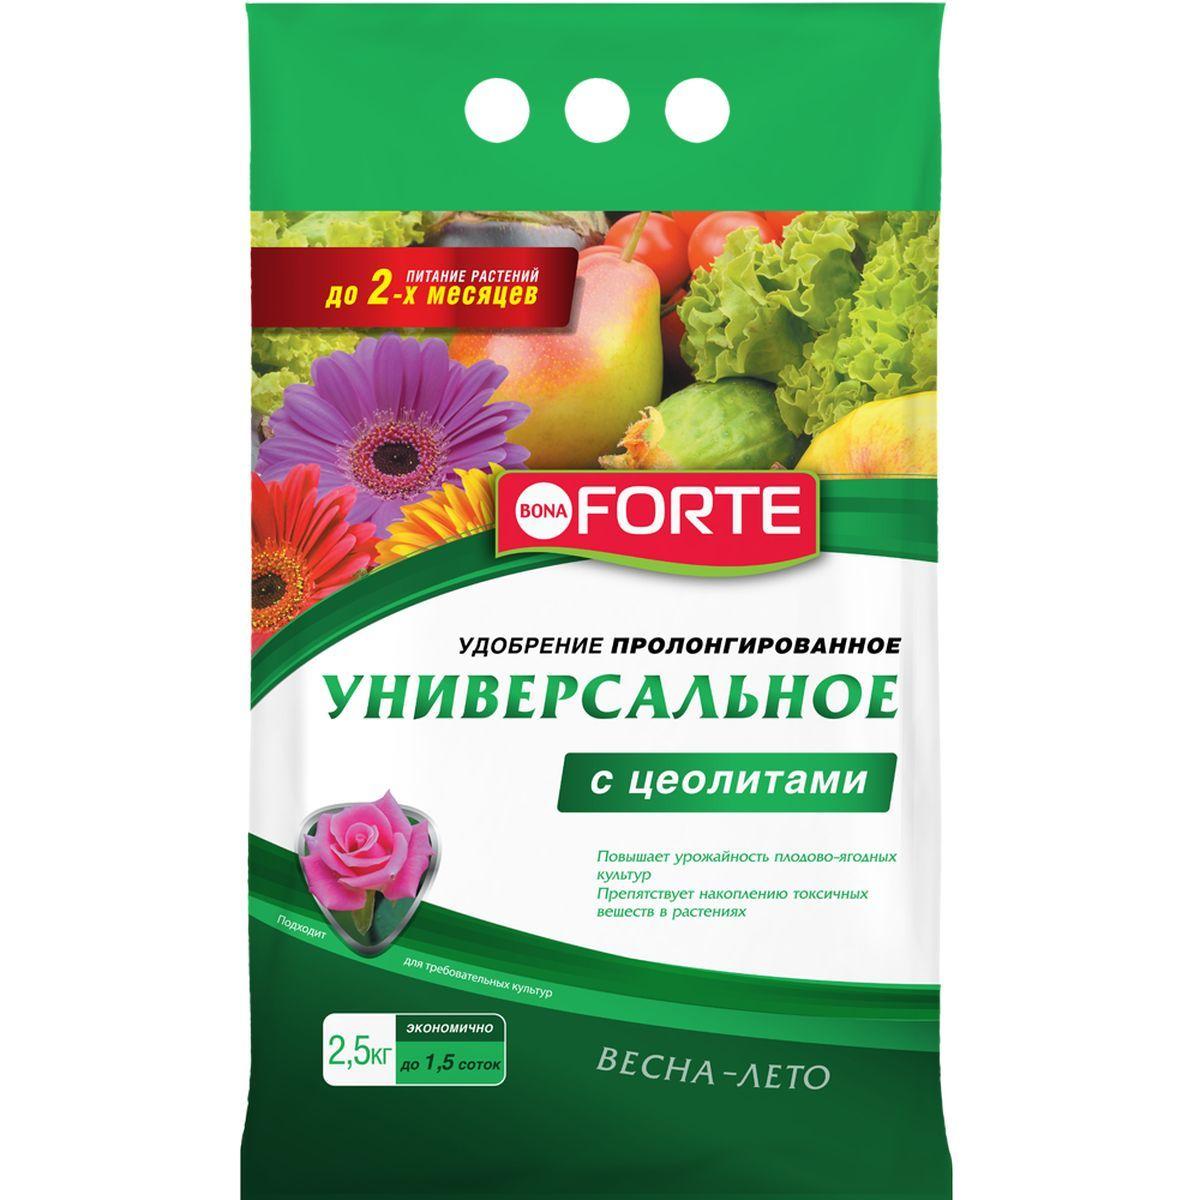 Удобрение Bona Forte, универсальное, с цеолитом, 2,5 кг28945 6Для овощных, плодовых, ягодных, декоративных и цветочных культур.Удобрения дополнительно обогащены ЦЕОЛИТОМ, который имеет уникальные полезные качества:- удерживает влагу и питательные вещества в корнеобитаемой зоне растений;- снижает стрессы растений при посадке и пересадке;- обеспечивает оптимальный воздушный режим даже при максимальном насыщении грунта водой;- делает удобрения пролонгированными.